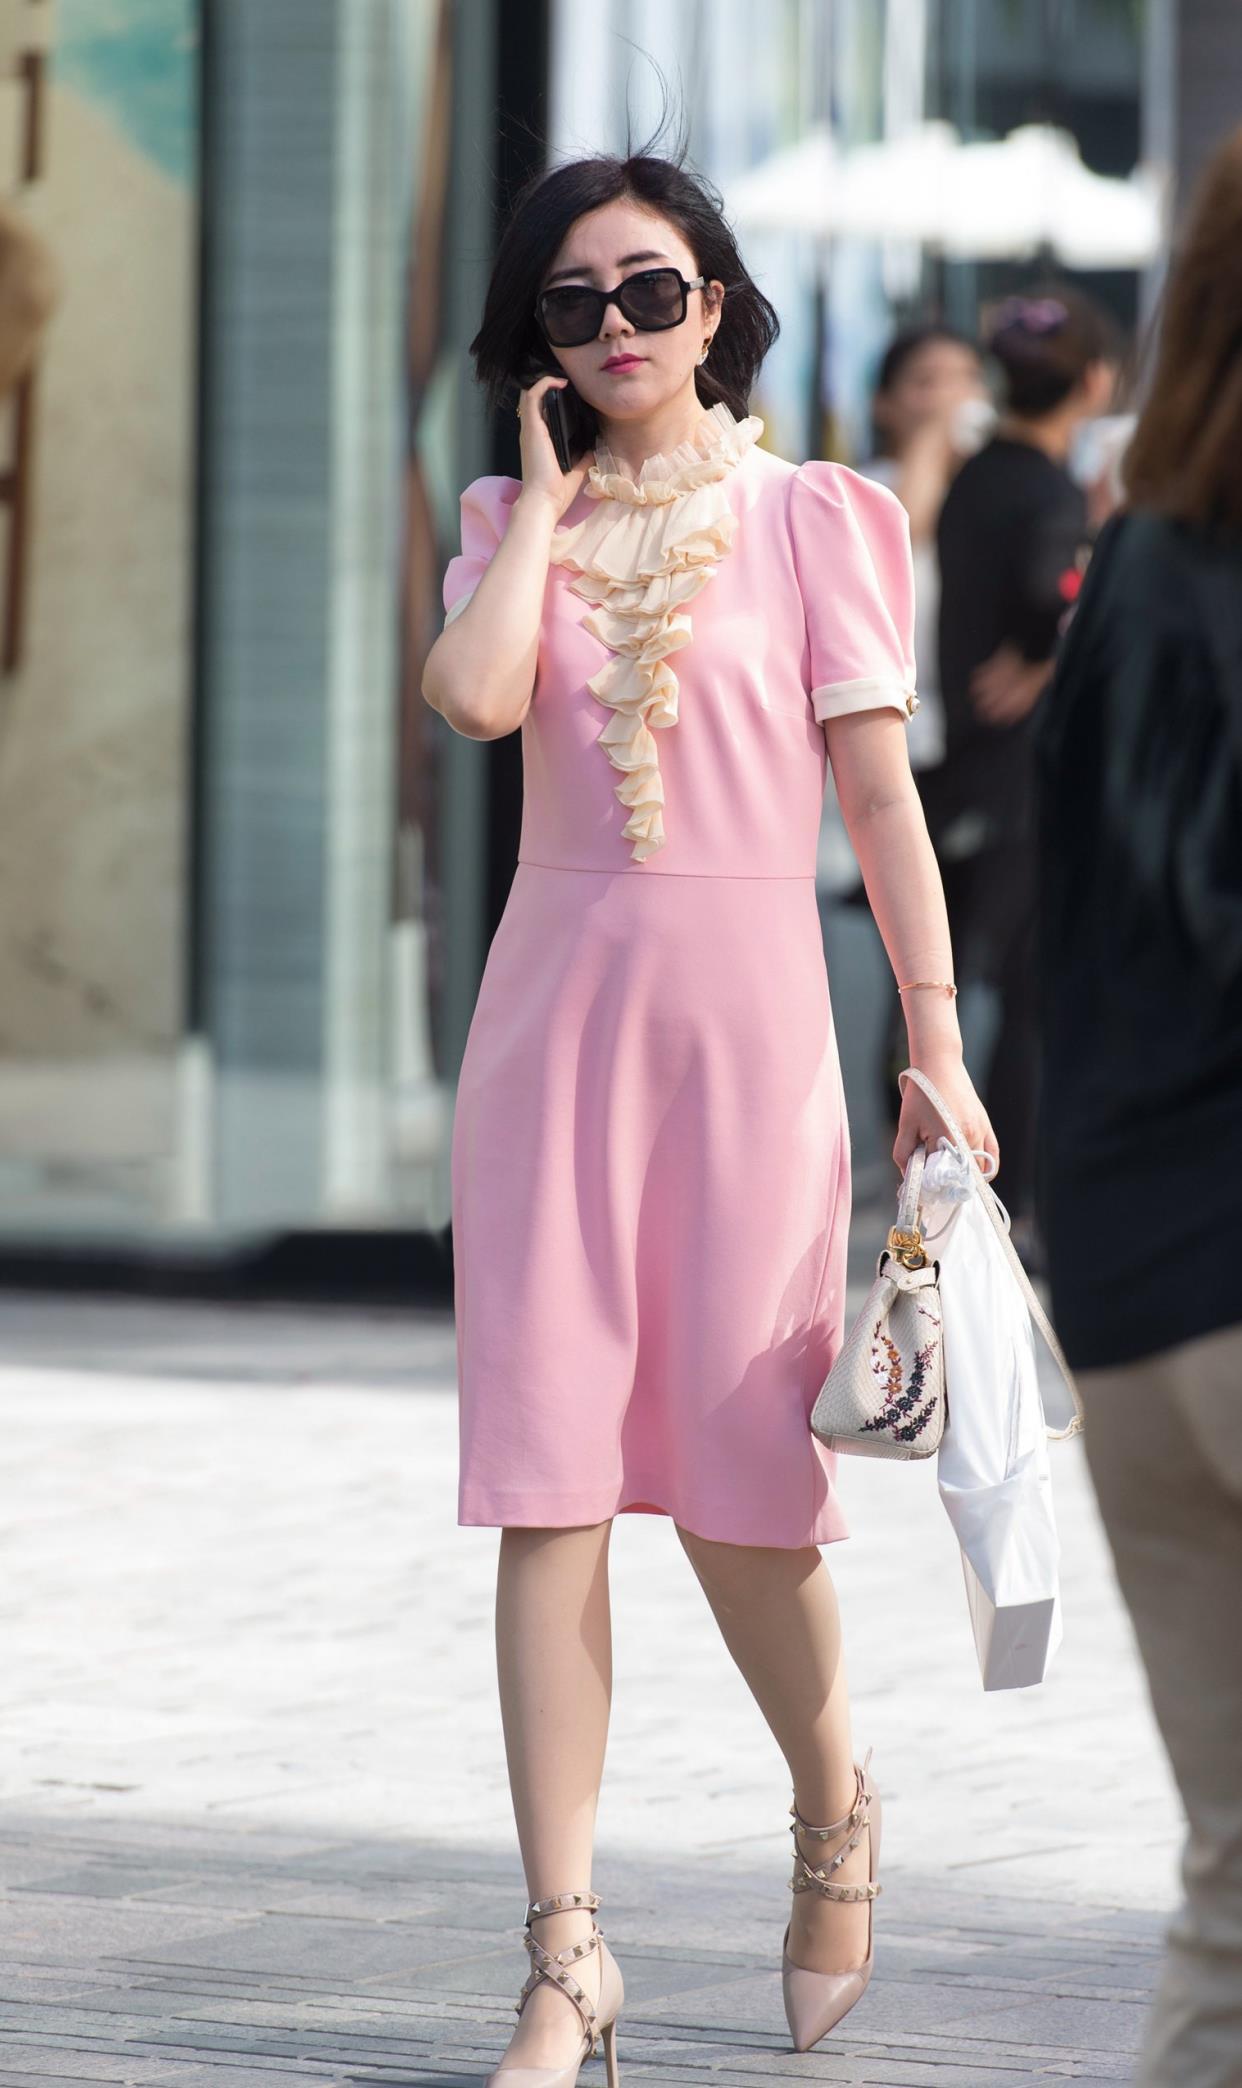 粉色连衣裙搭配铆钉高跟鞋,三十岁女人穿粉色,显年轻减龄效果好